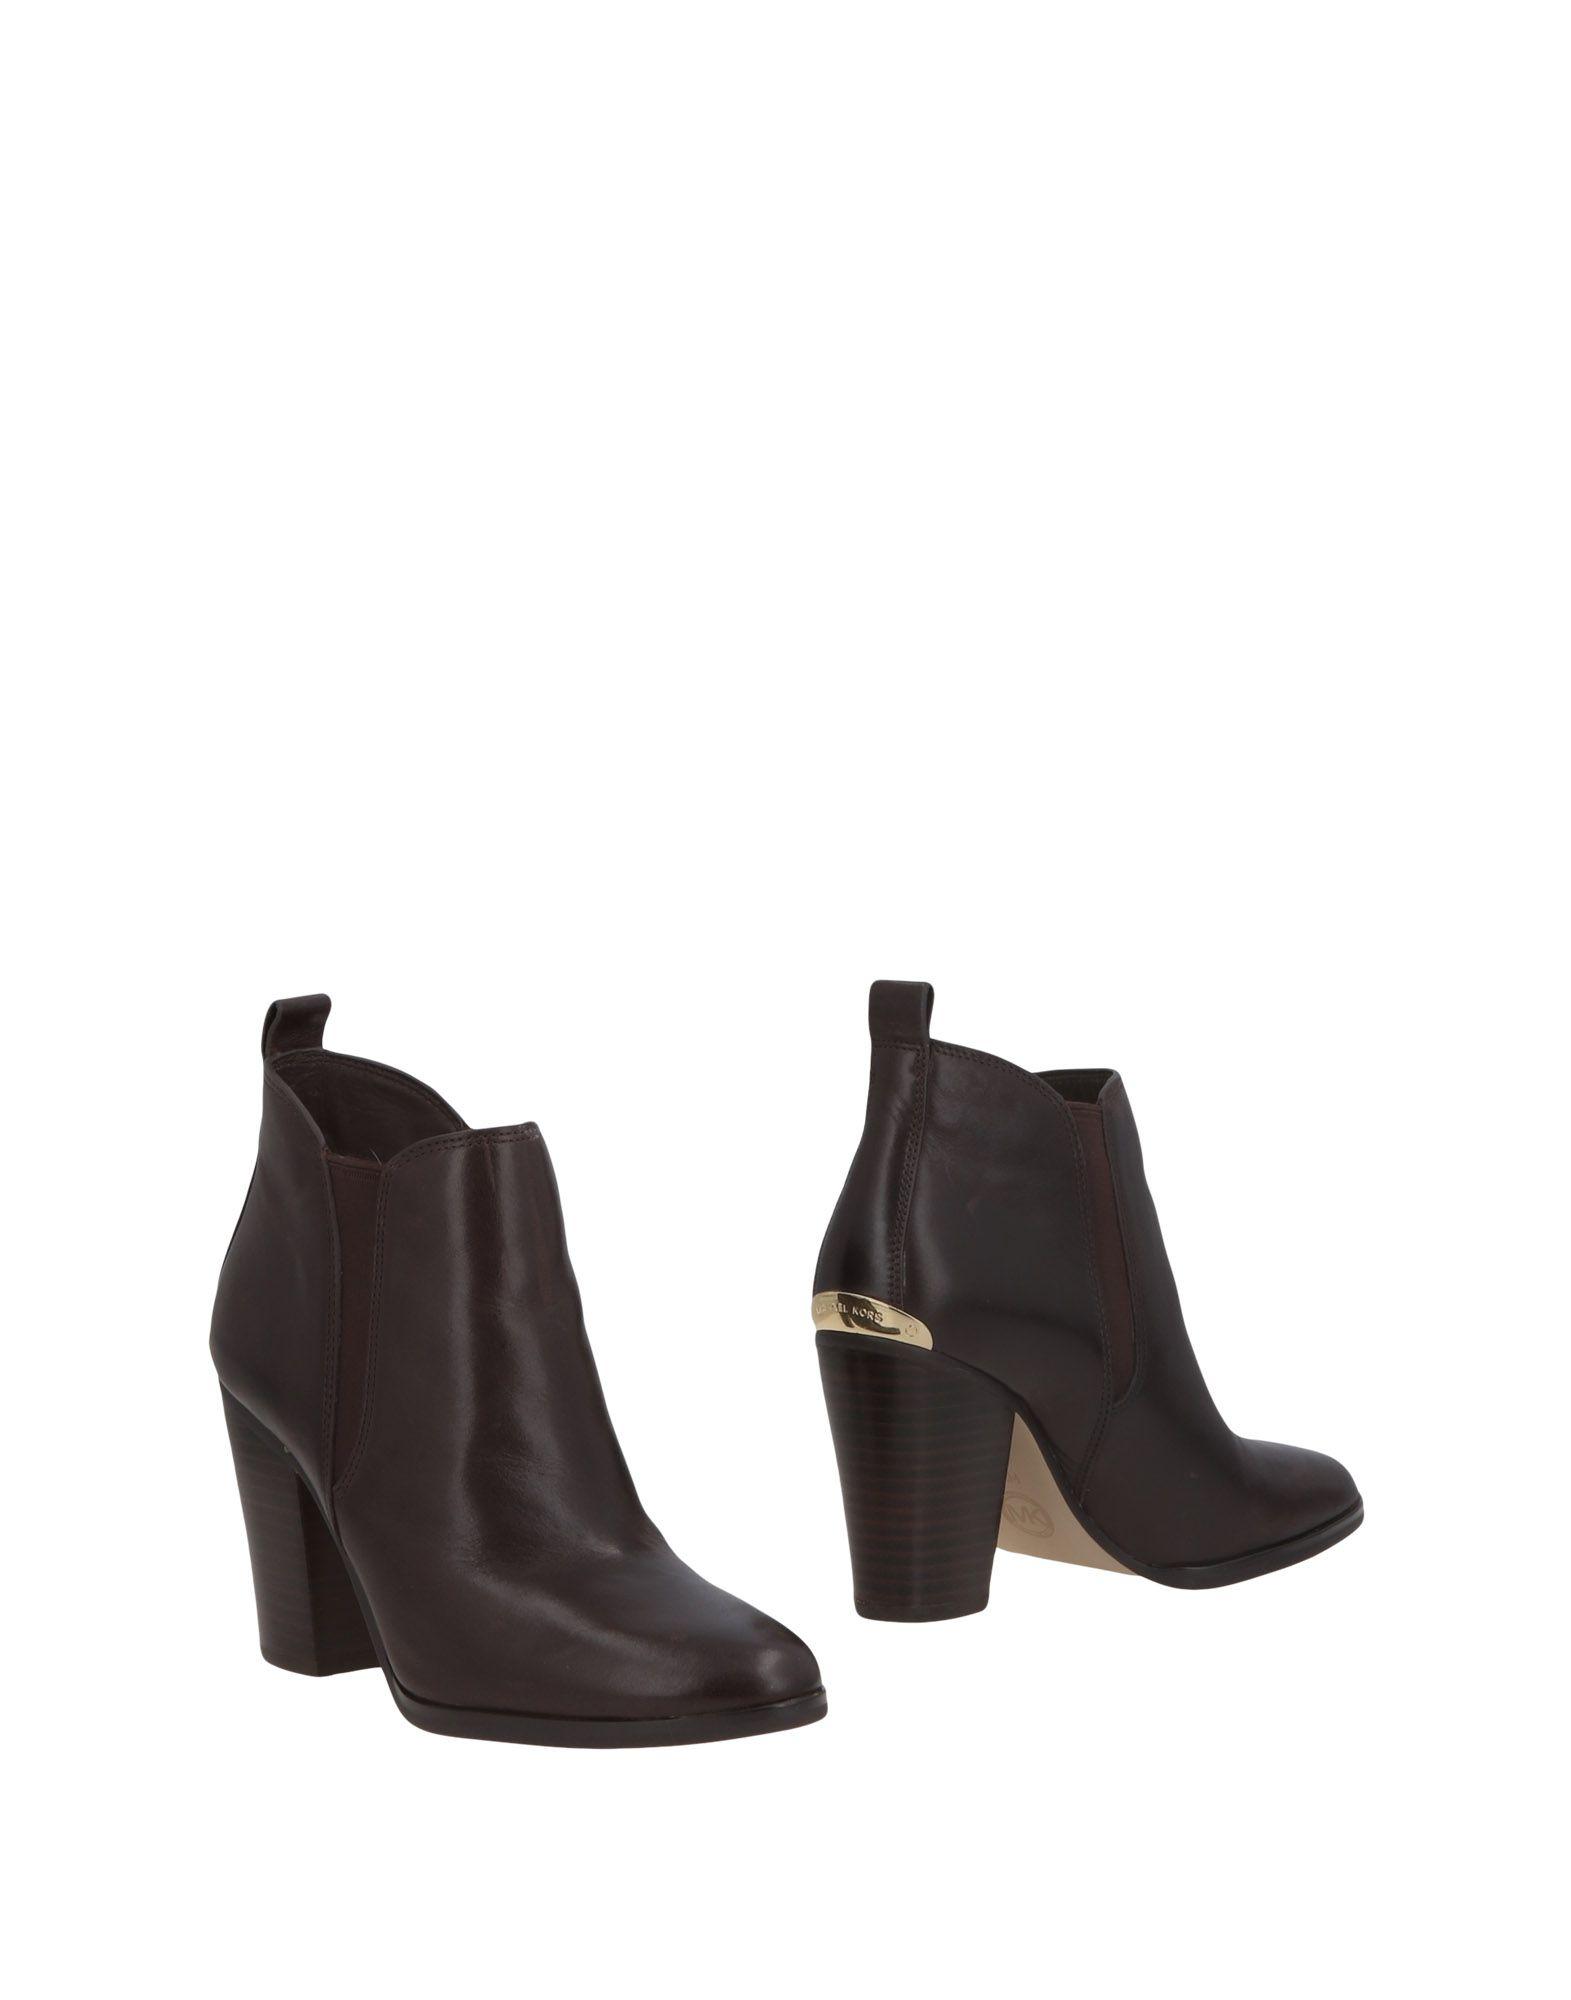 MICHAEL MICHAEL KORS Полусапоги и высокие ботинки ботинки michael michael kors 40f7cdmb9l 001 black